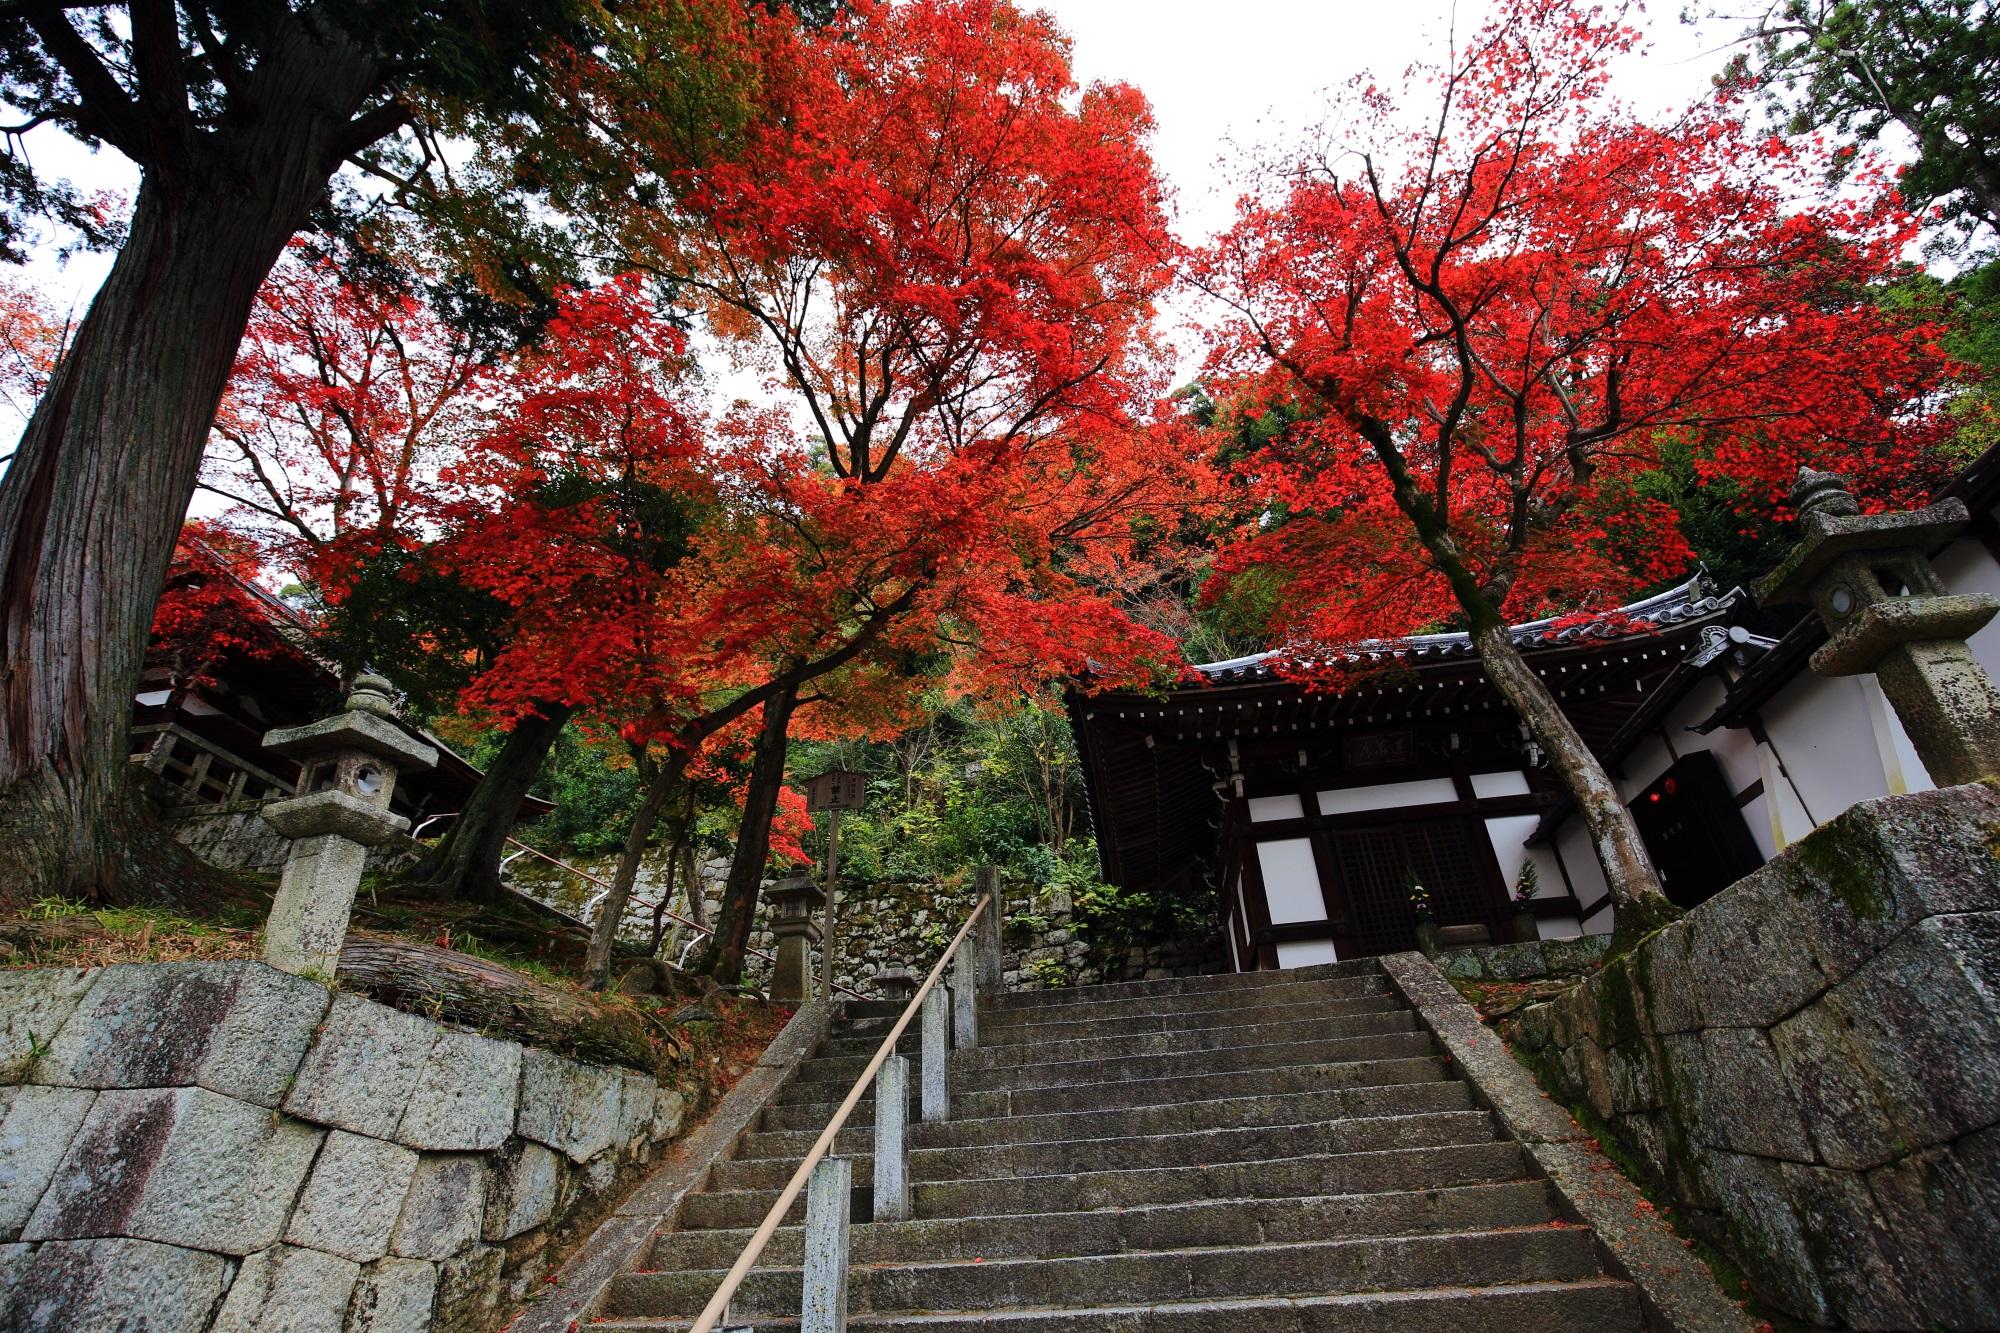 有名な知恩院の中にある隠れた紅葉の名所である御廟